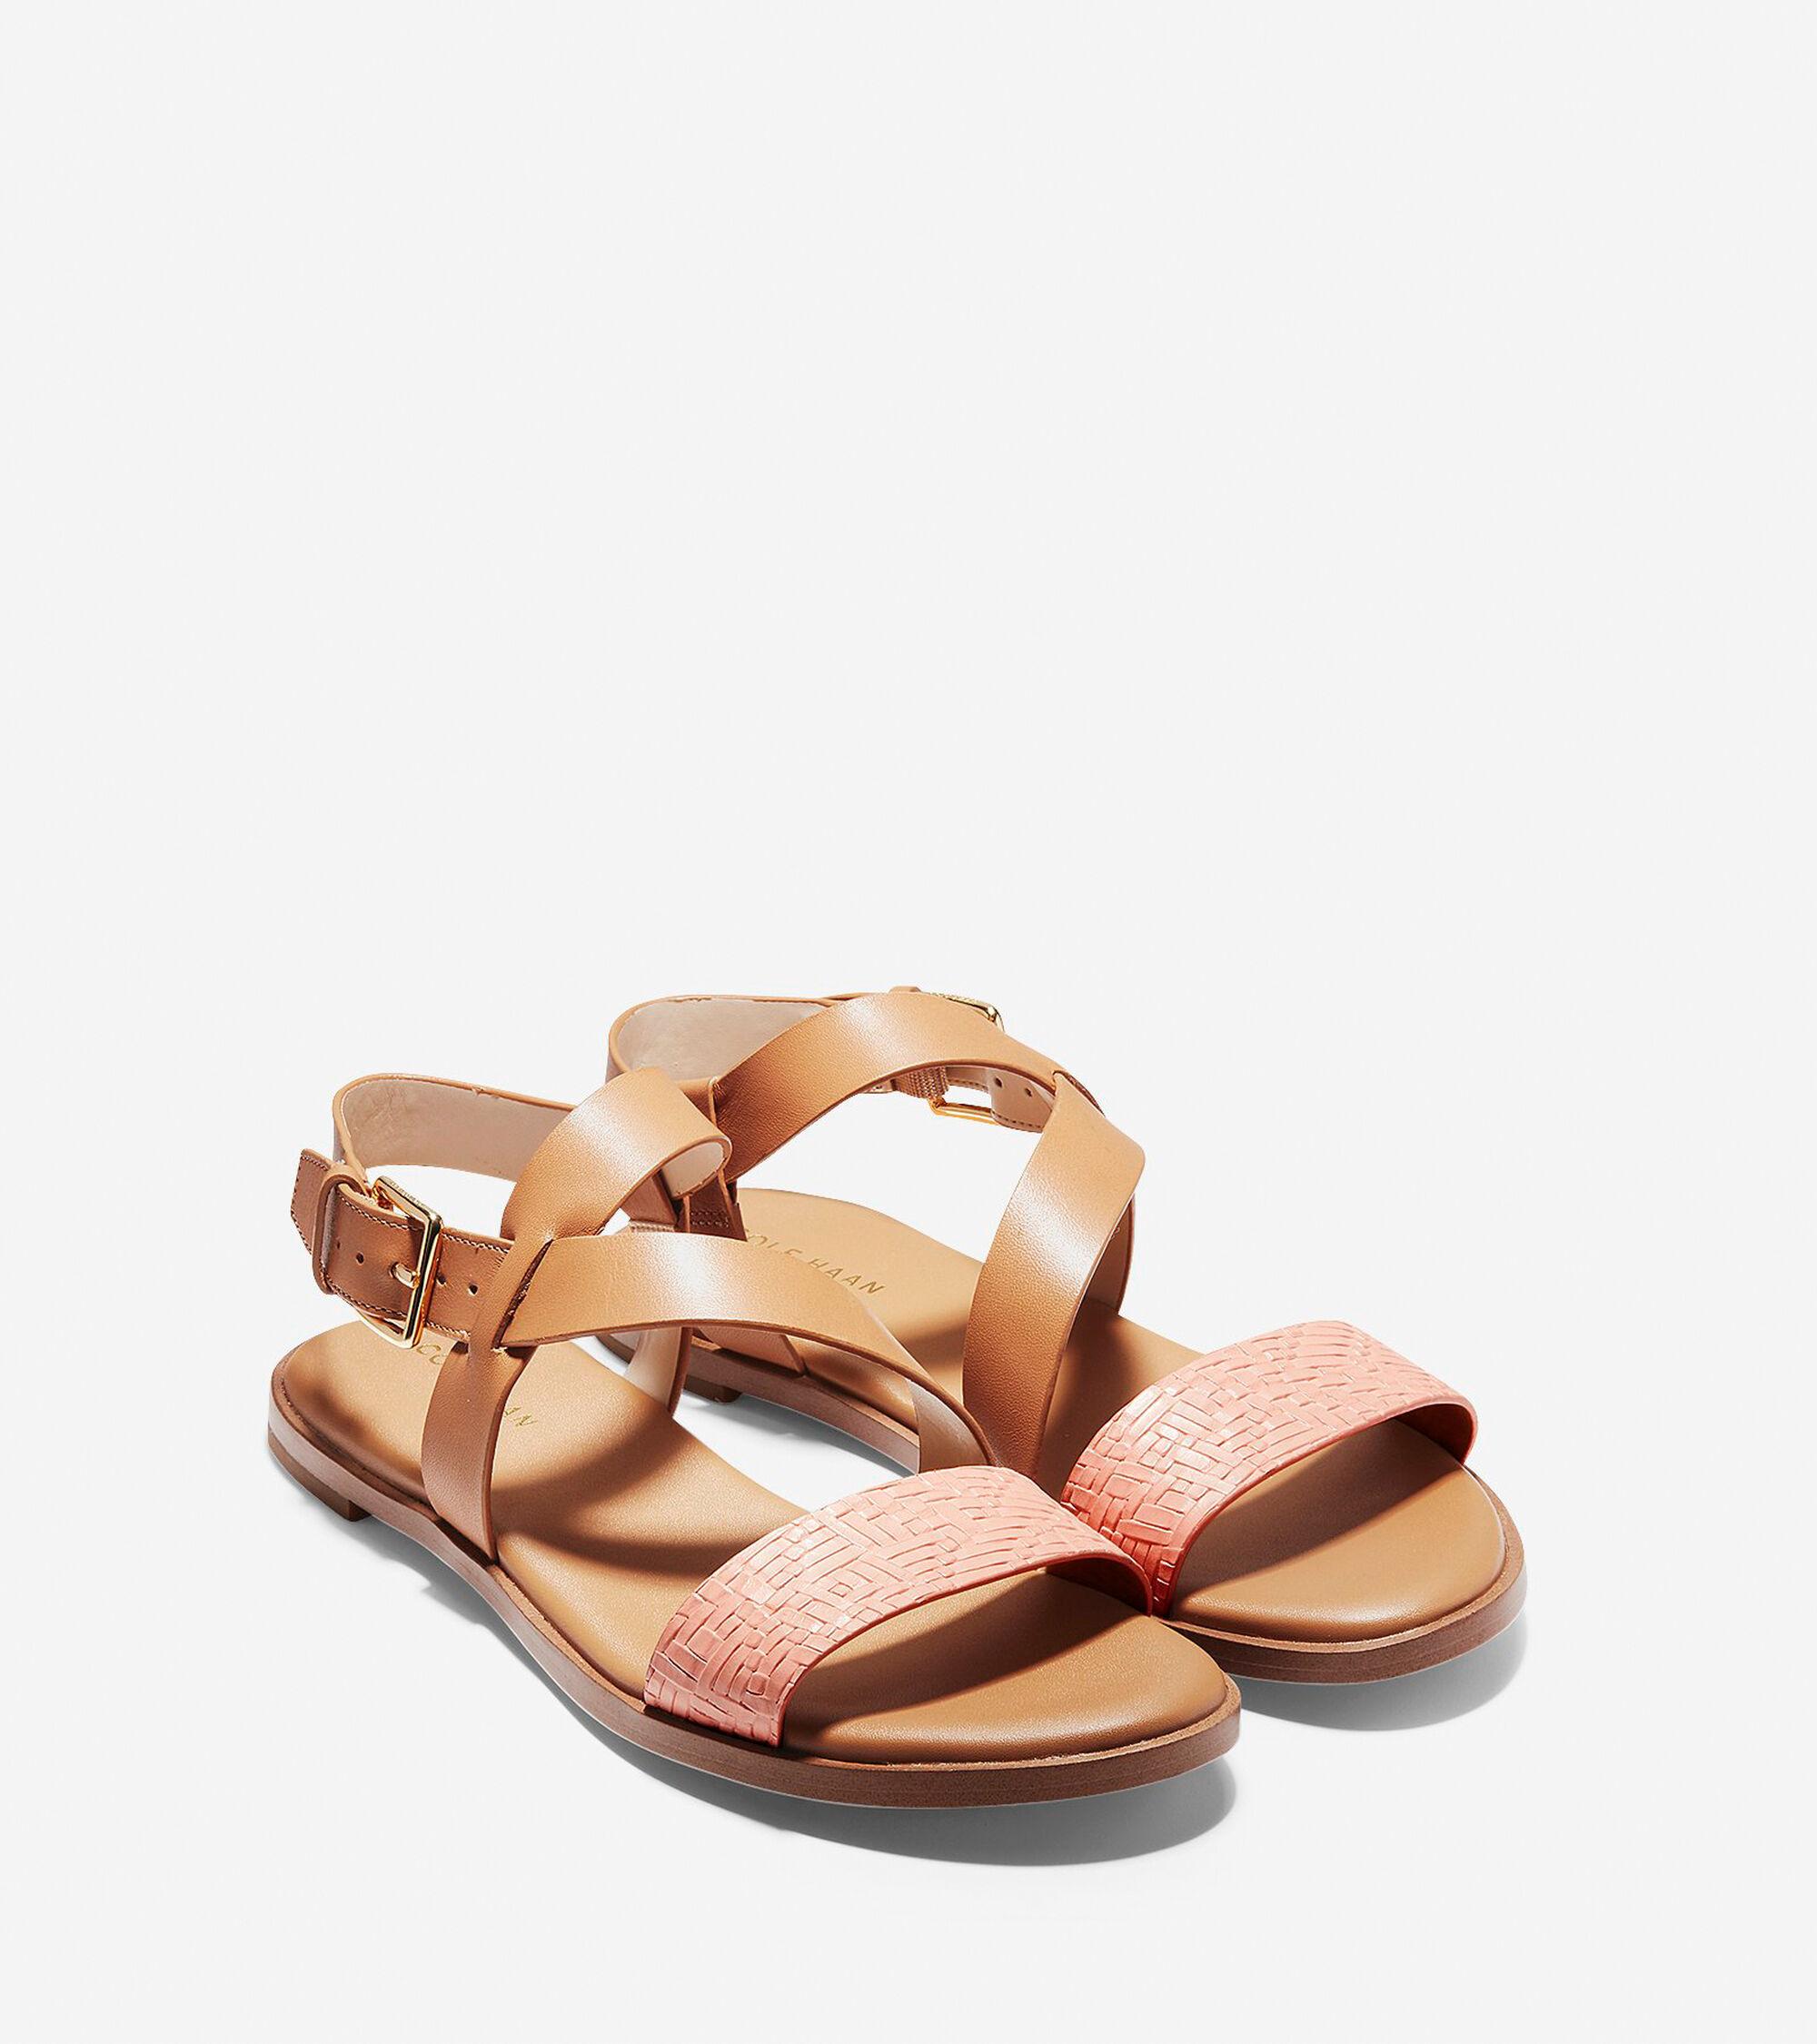 11052b3edbae2f Women s Findra Strappy Sandals in Pecan-Coral